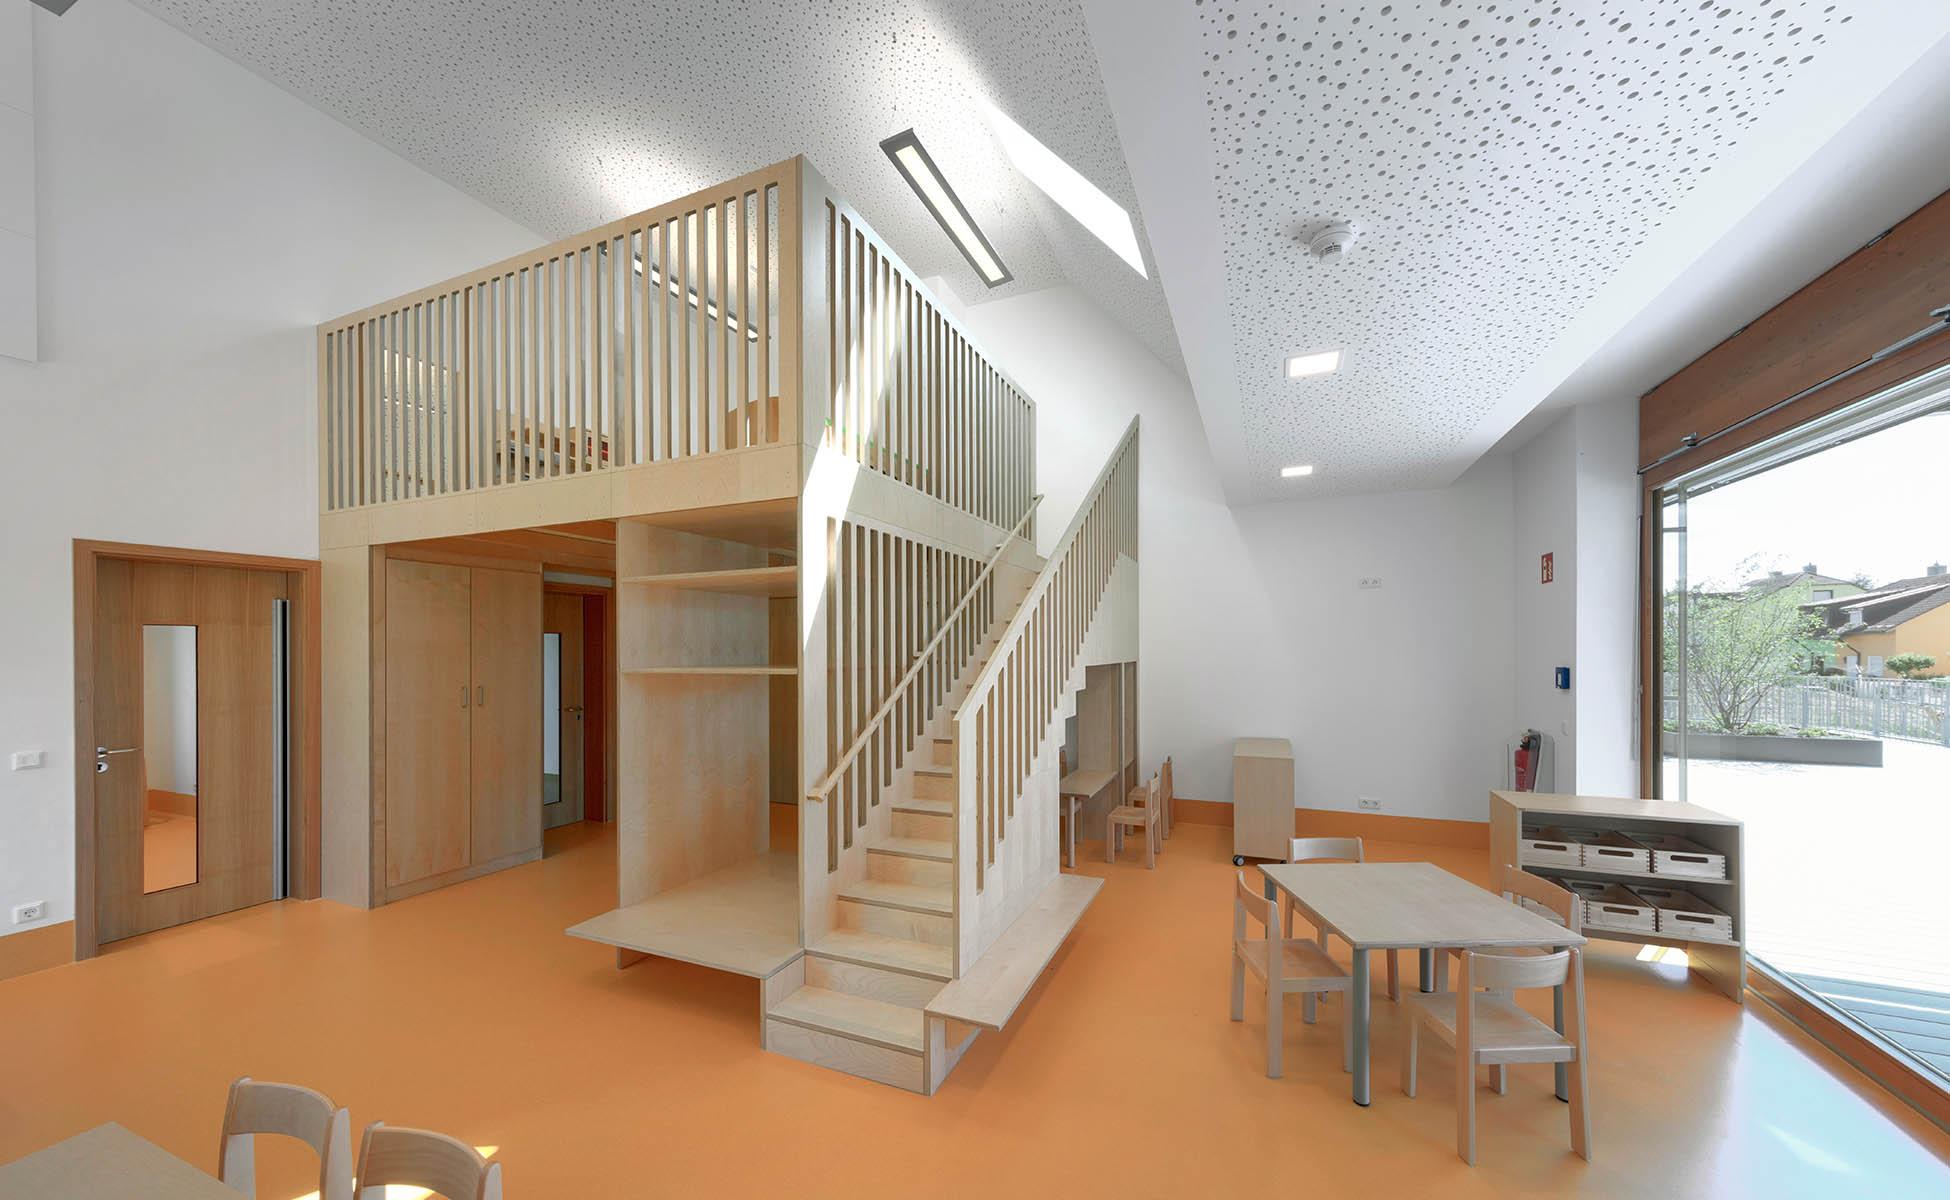 Kindertagesstätte Weiherdorf